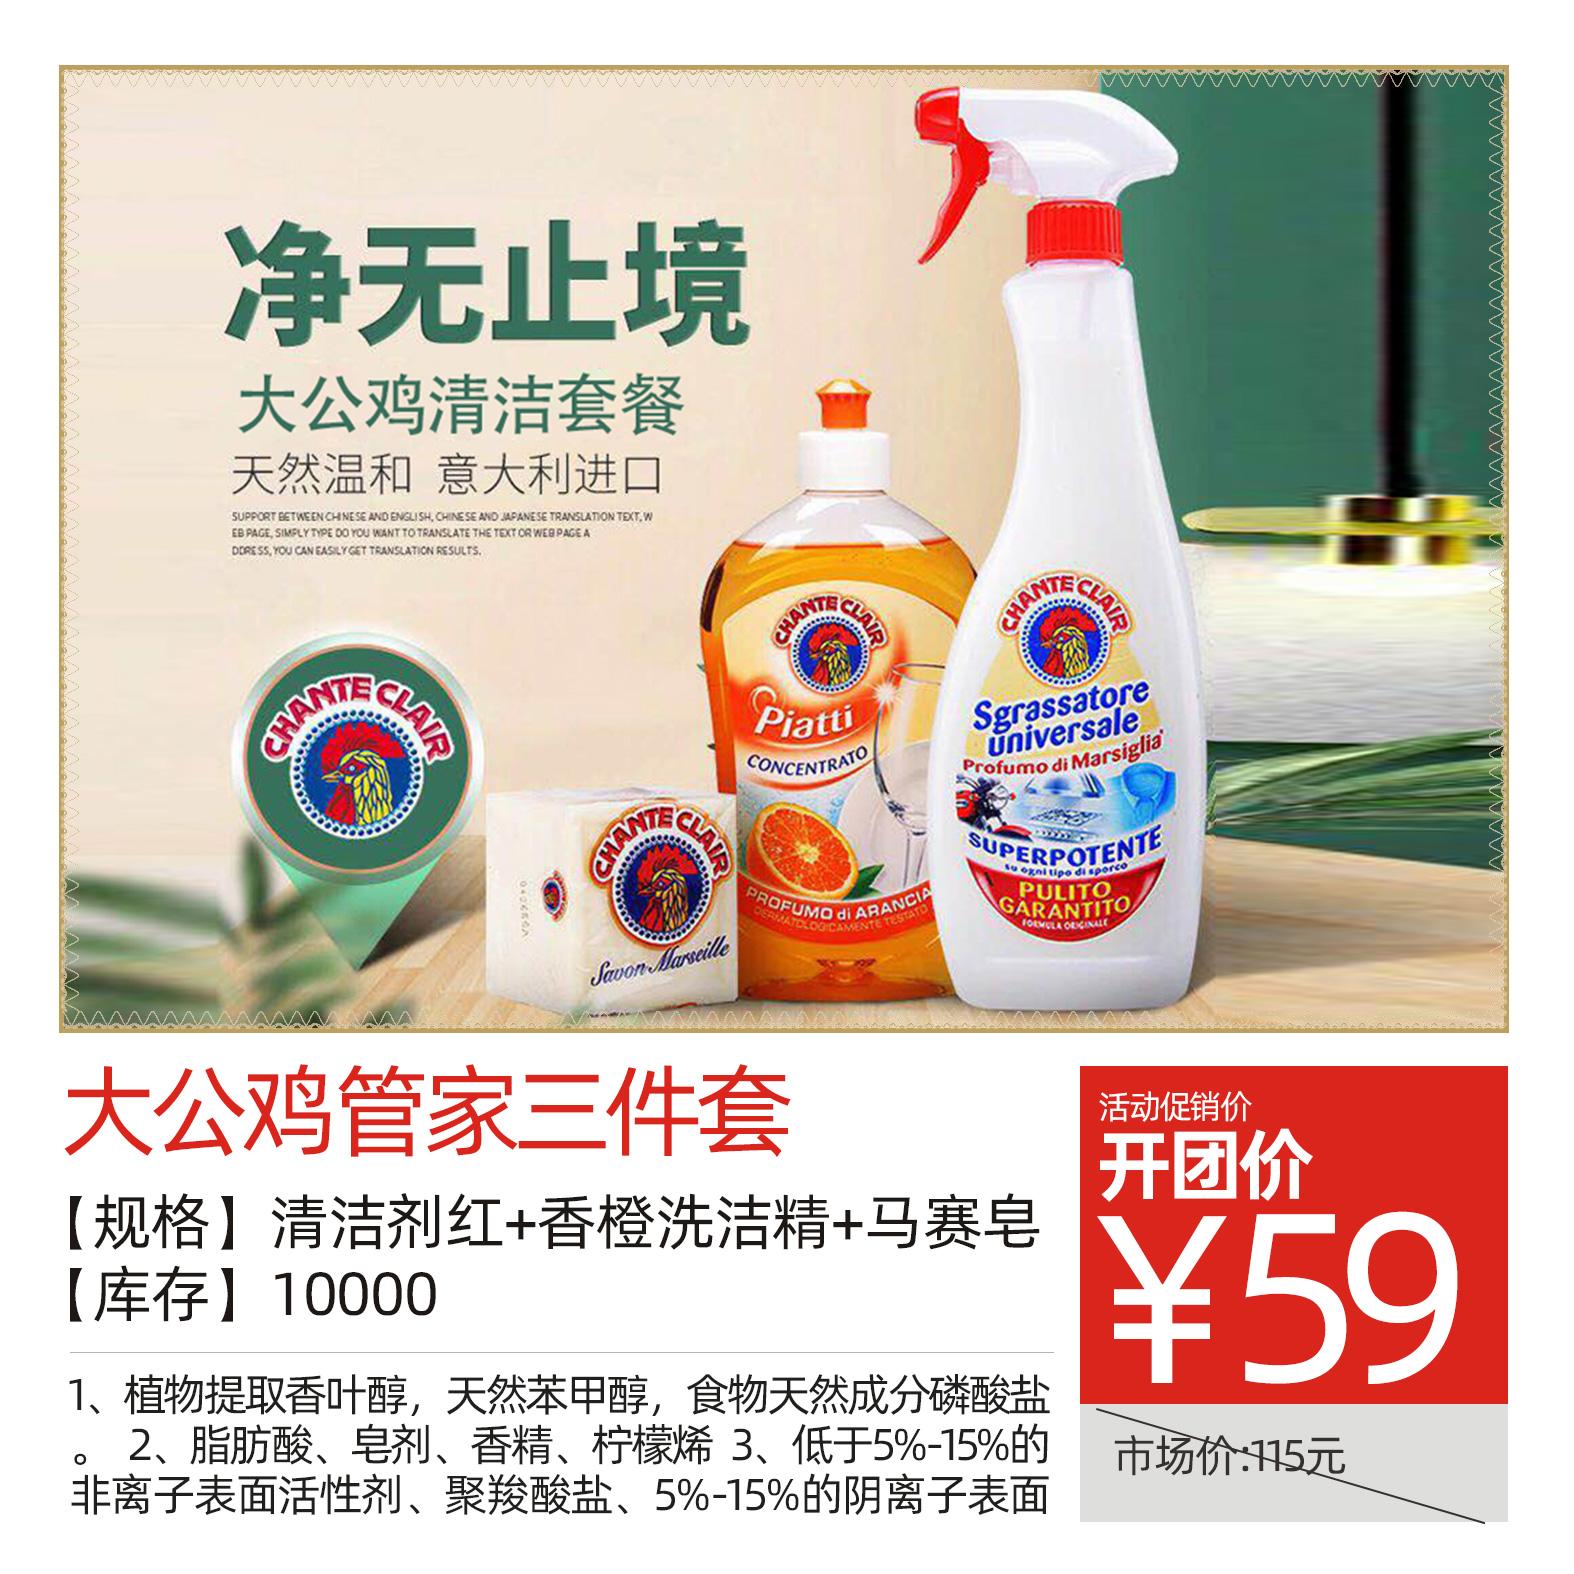 大公鸡管家三件套(清洁剂红+香橙洗洁精+马赛皂)